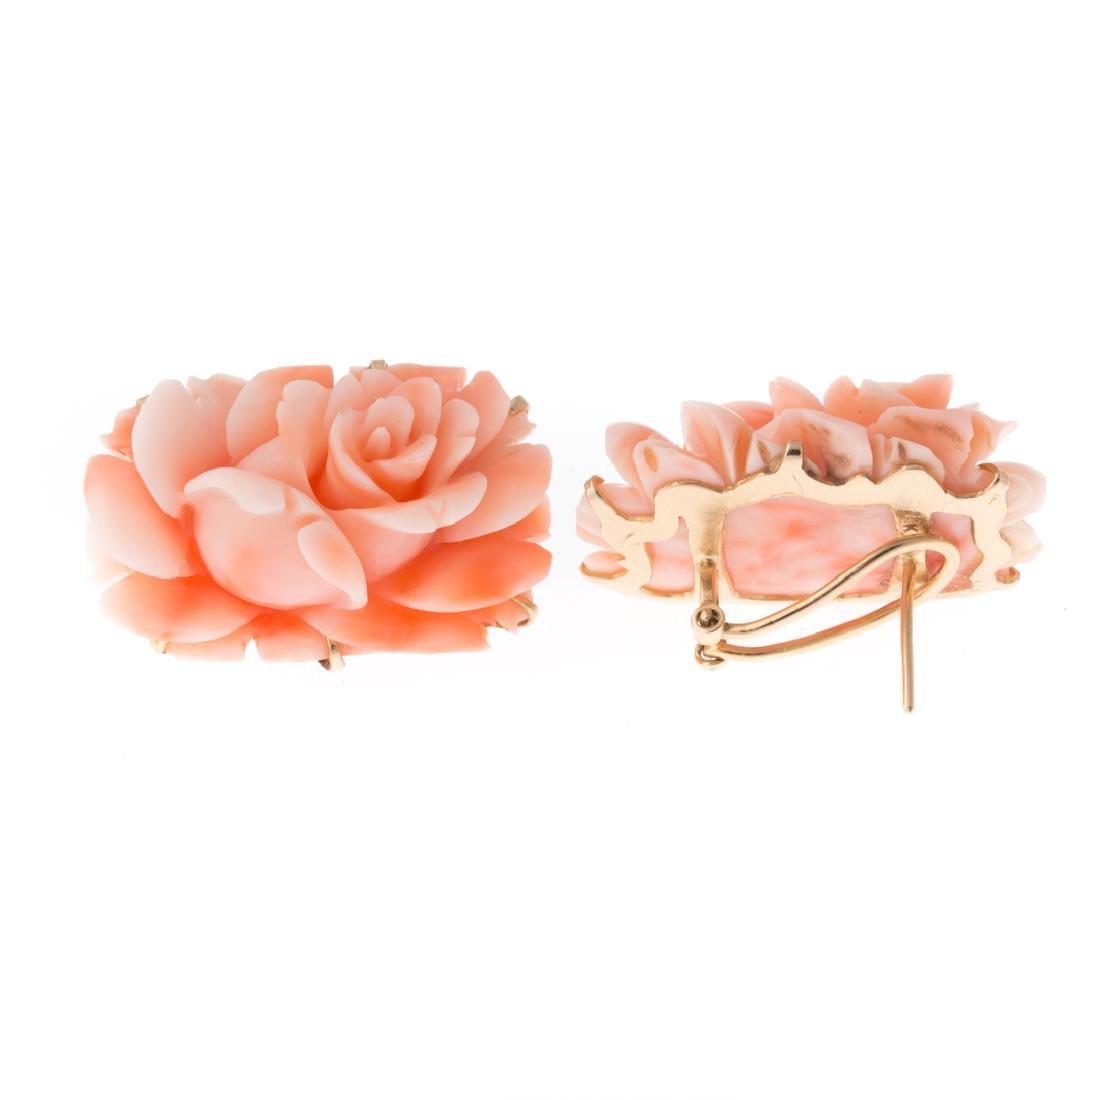 A Lady's Coral Brooch, Pendant & Earrings in 14K - 2